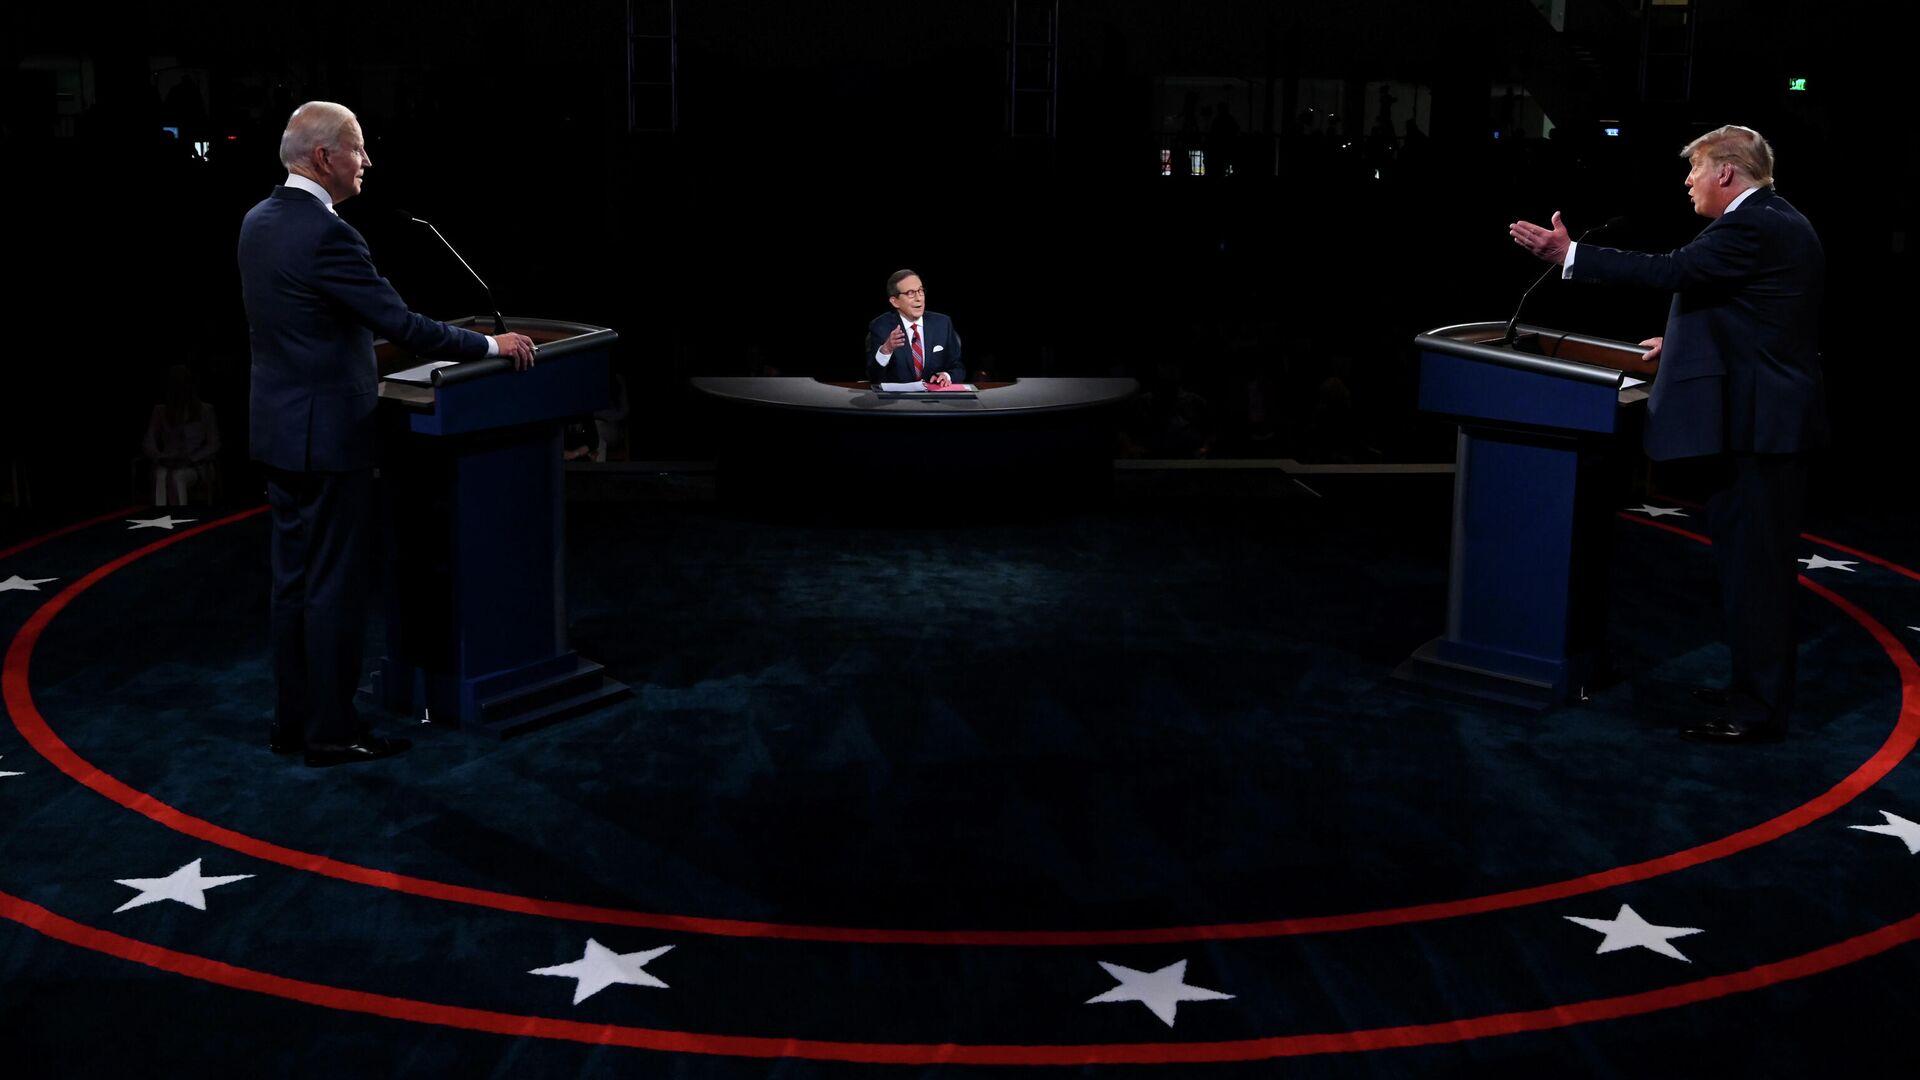 Президент Дональд Трамп США и Джо Байден во время дебатов в Кливленде, штат Огайо - РИА Новости, 1920, 19.10.2020